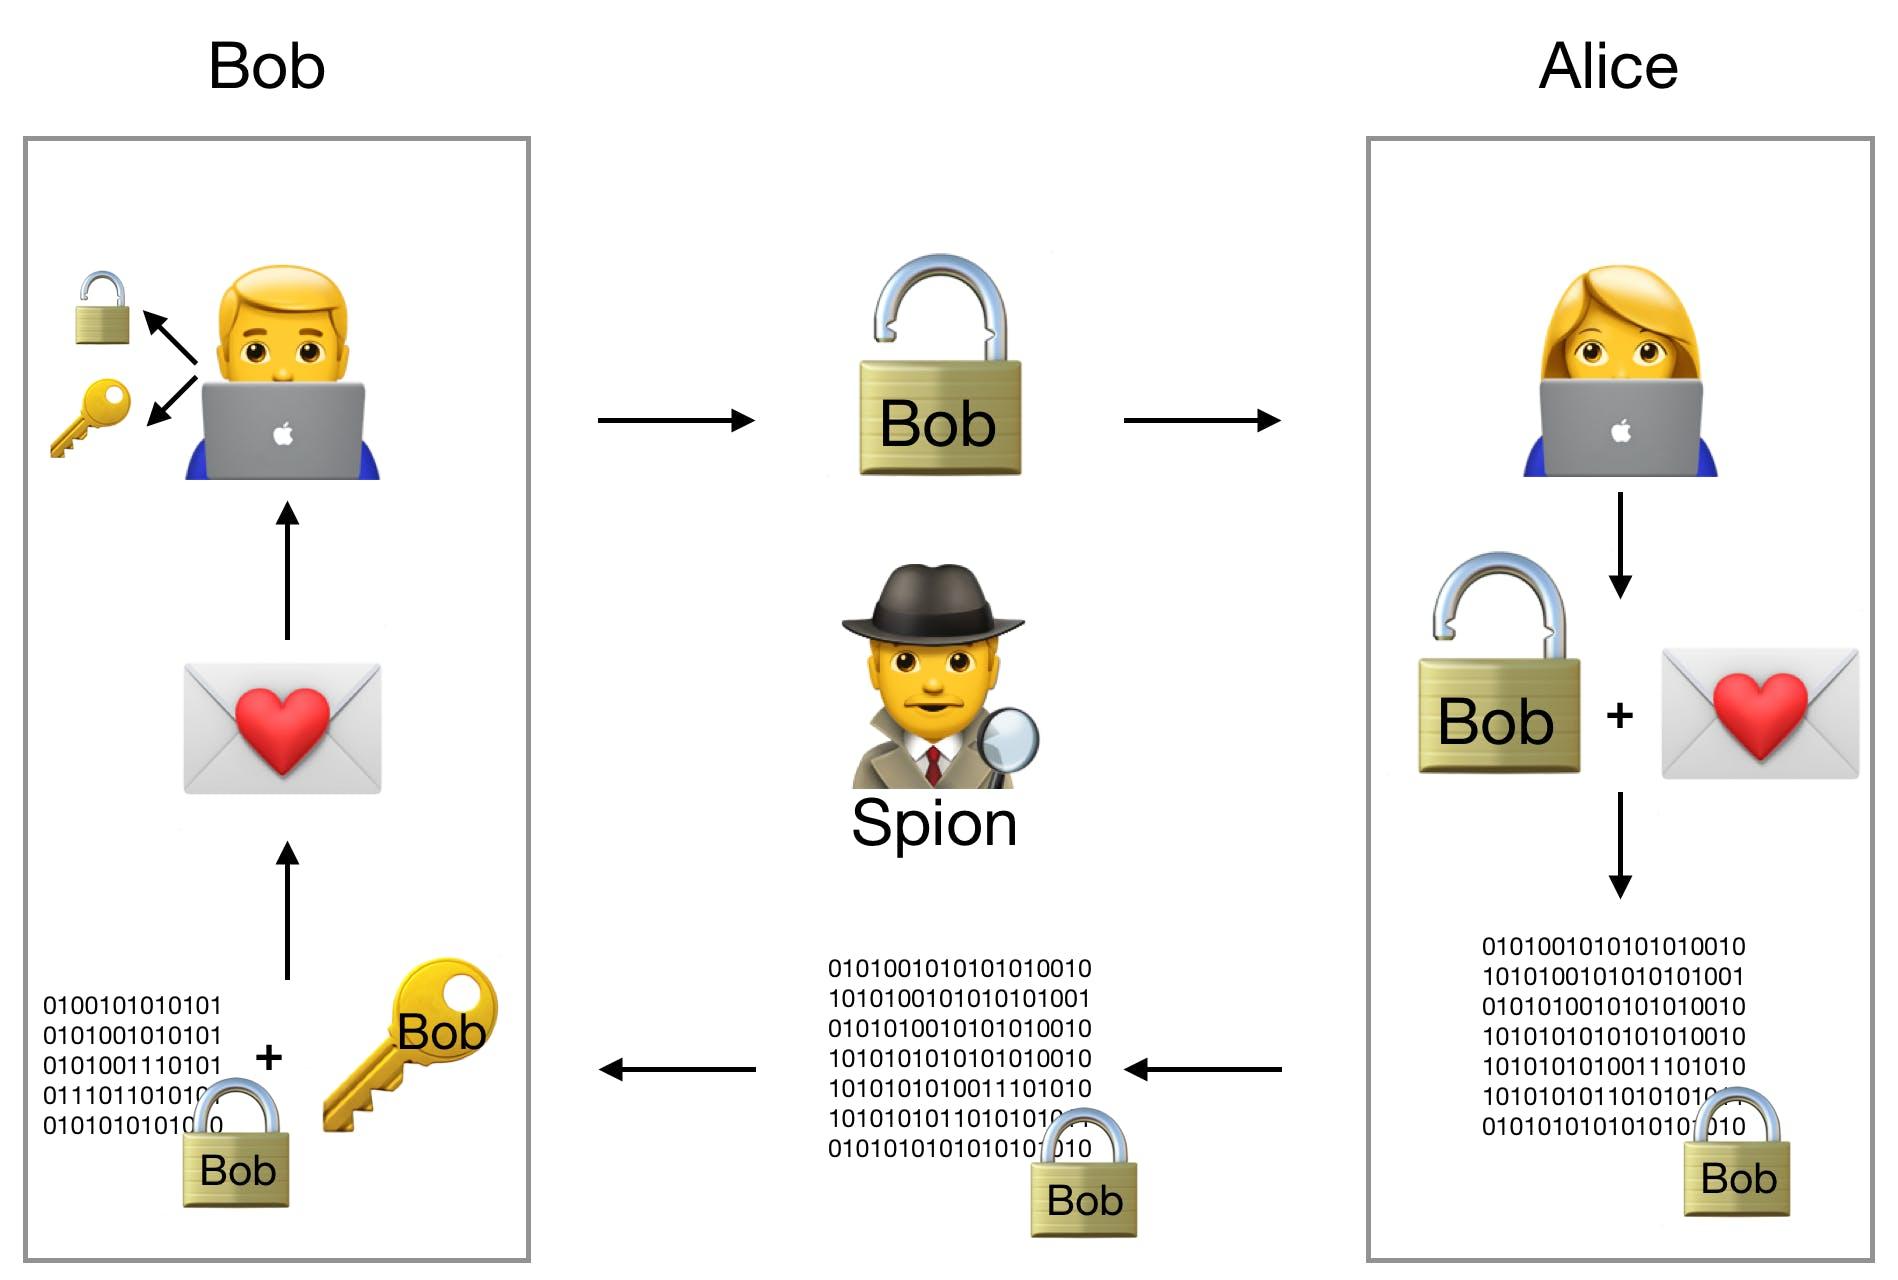 Schaubild zum Thema moderne Geheimnisse mit Alice, Bob und Spion